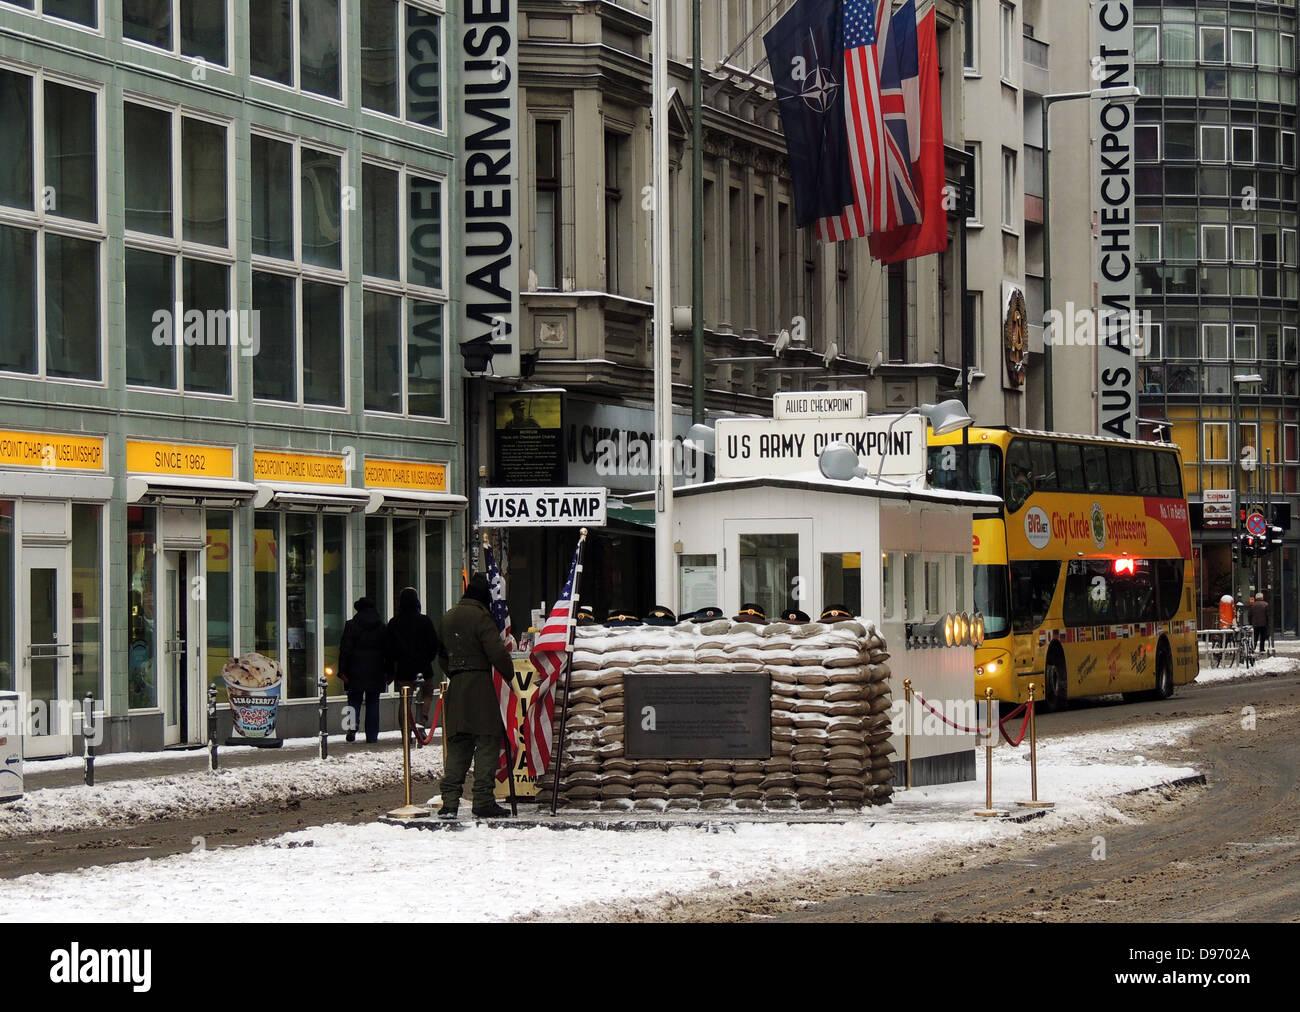 El Checkpoint Charlie. El Checkpoint Charlie fue el nombre dado por los aliados occidentales al Muro de Berlín, Foto de stock